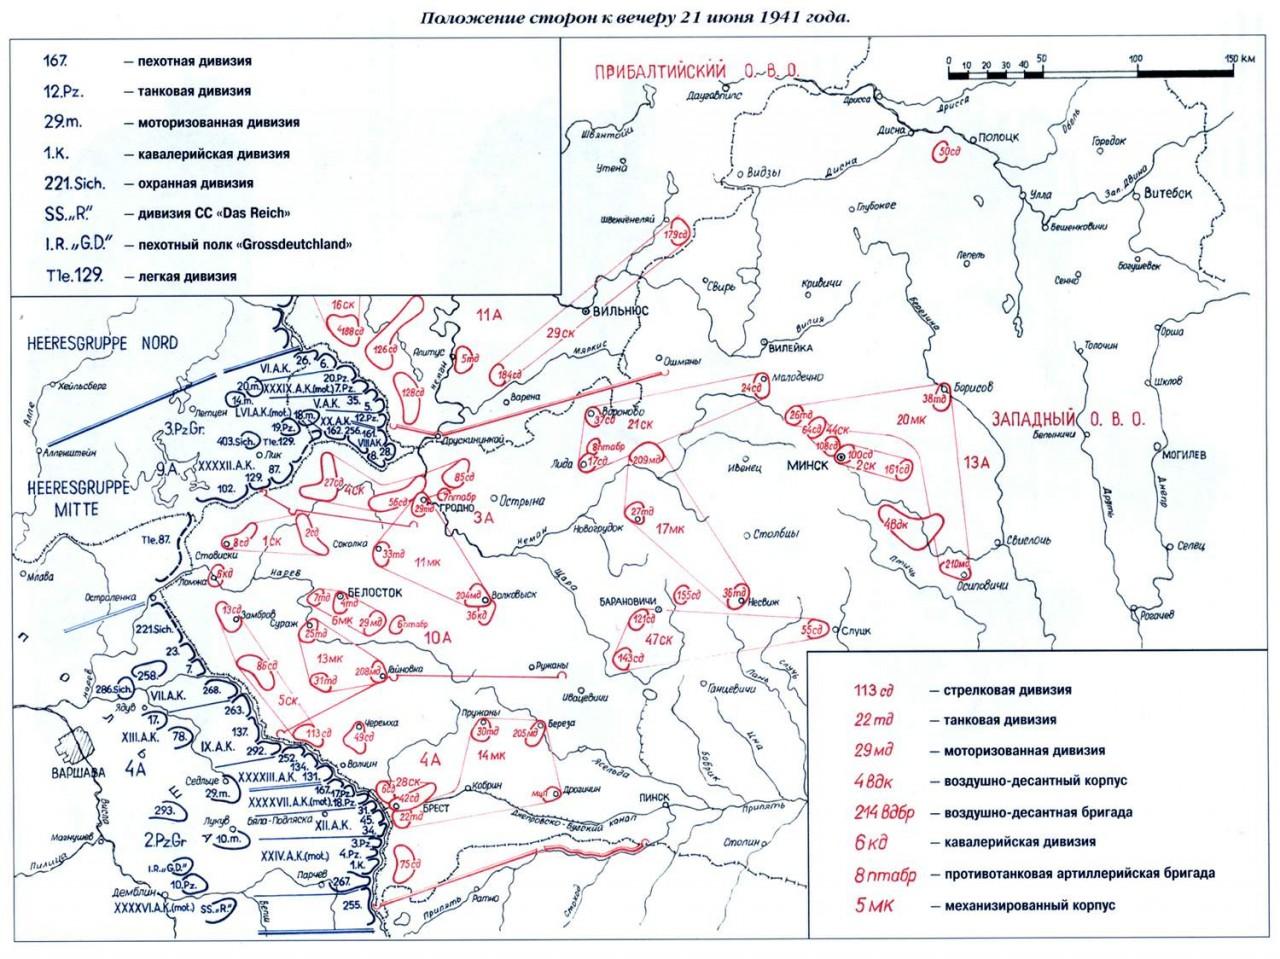 22 июня 1941 года. Причины катастрофы. Протоколы допроса генерала армии Д.Г.Павлова.